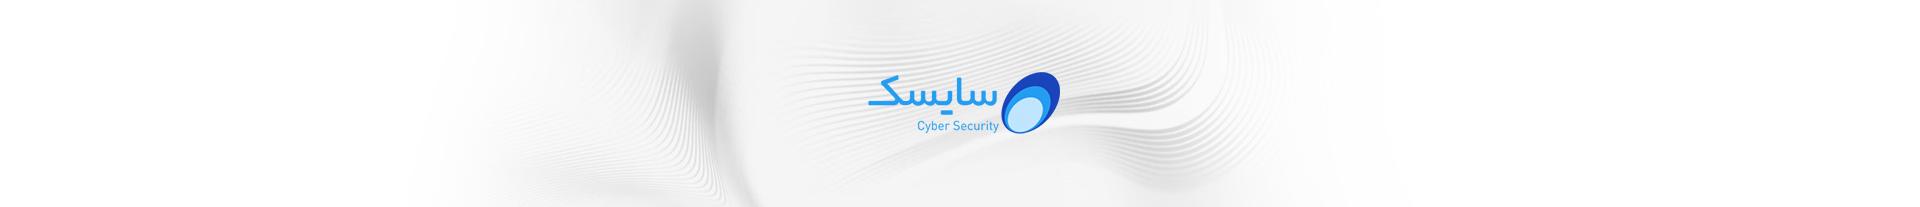 کد تخفیف فروشگاه اینترنتی آنتی ویروس